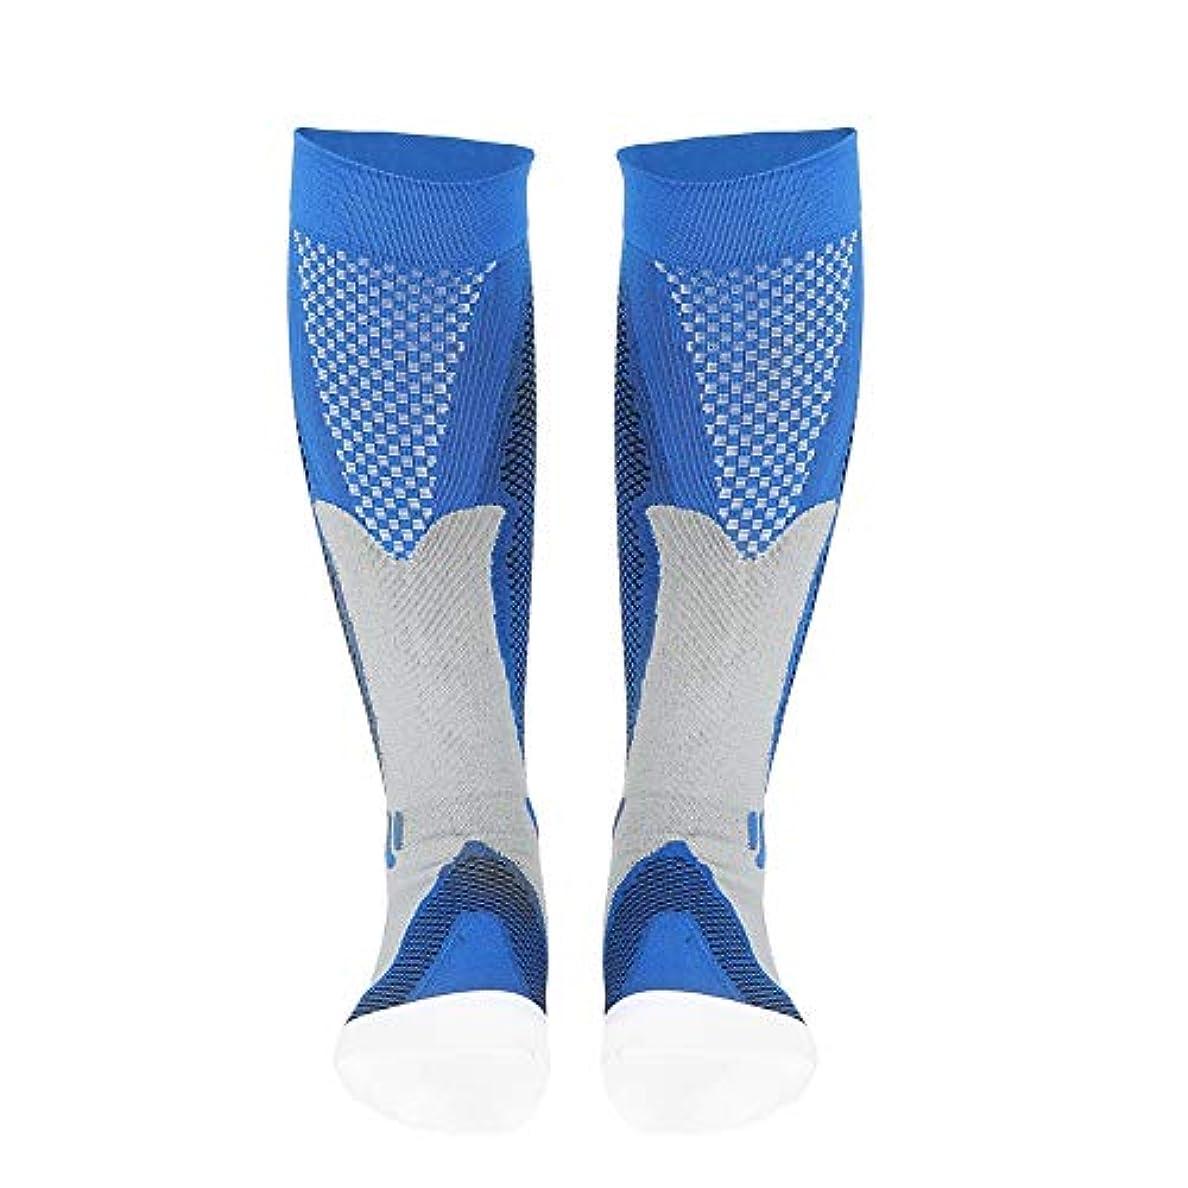 多様なホース大型トラック男女通用の圧縮筋靴下 むくみケア用靴下 ランニング バスケ スリム 美脚 靴下 (L/XL-ブルー)